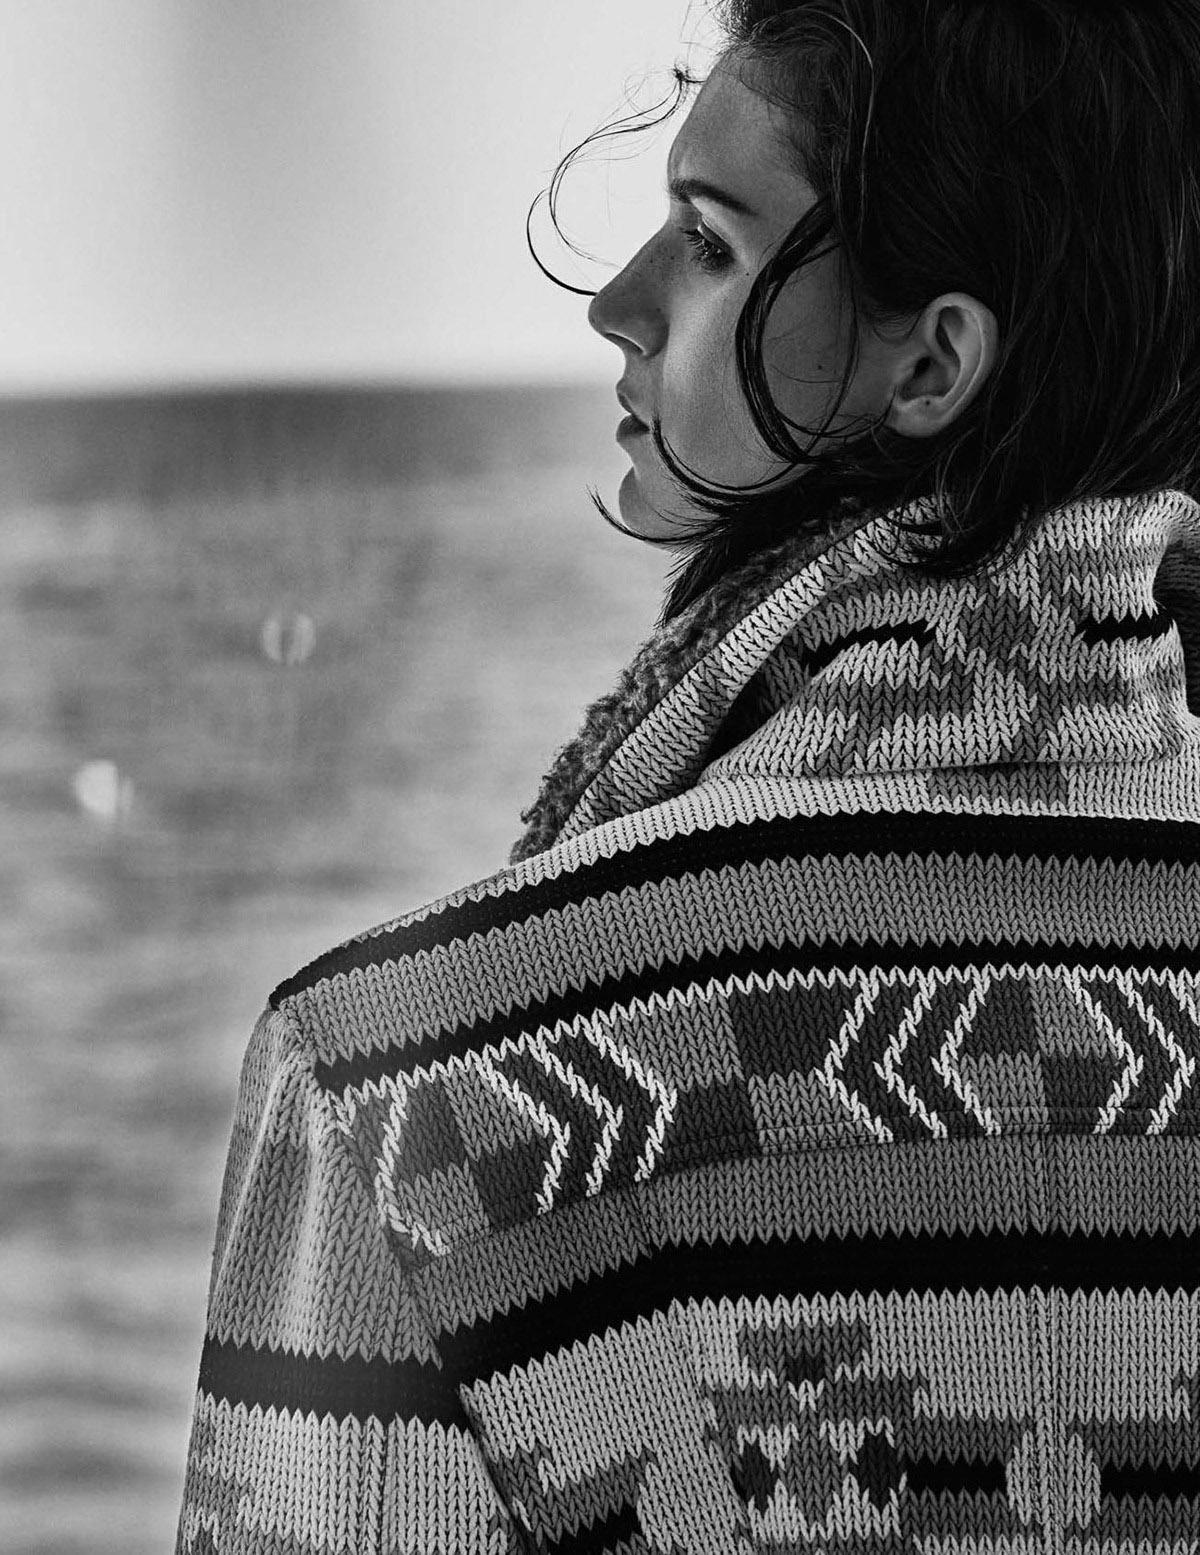 трикотажная куртка с узором в стиле индейцев Навахо, Louis Vuitton